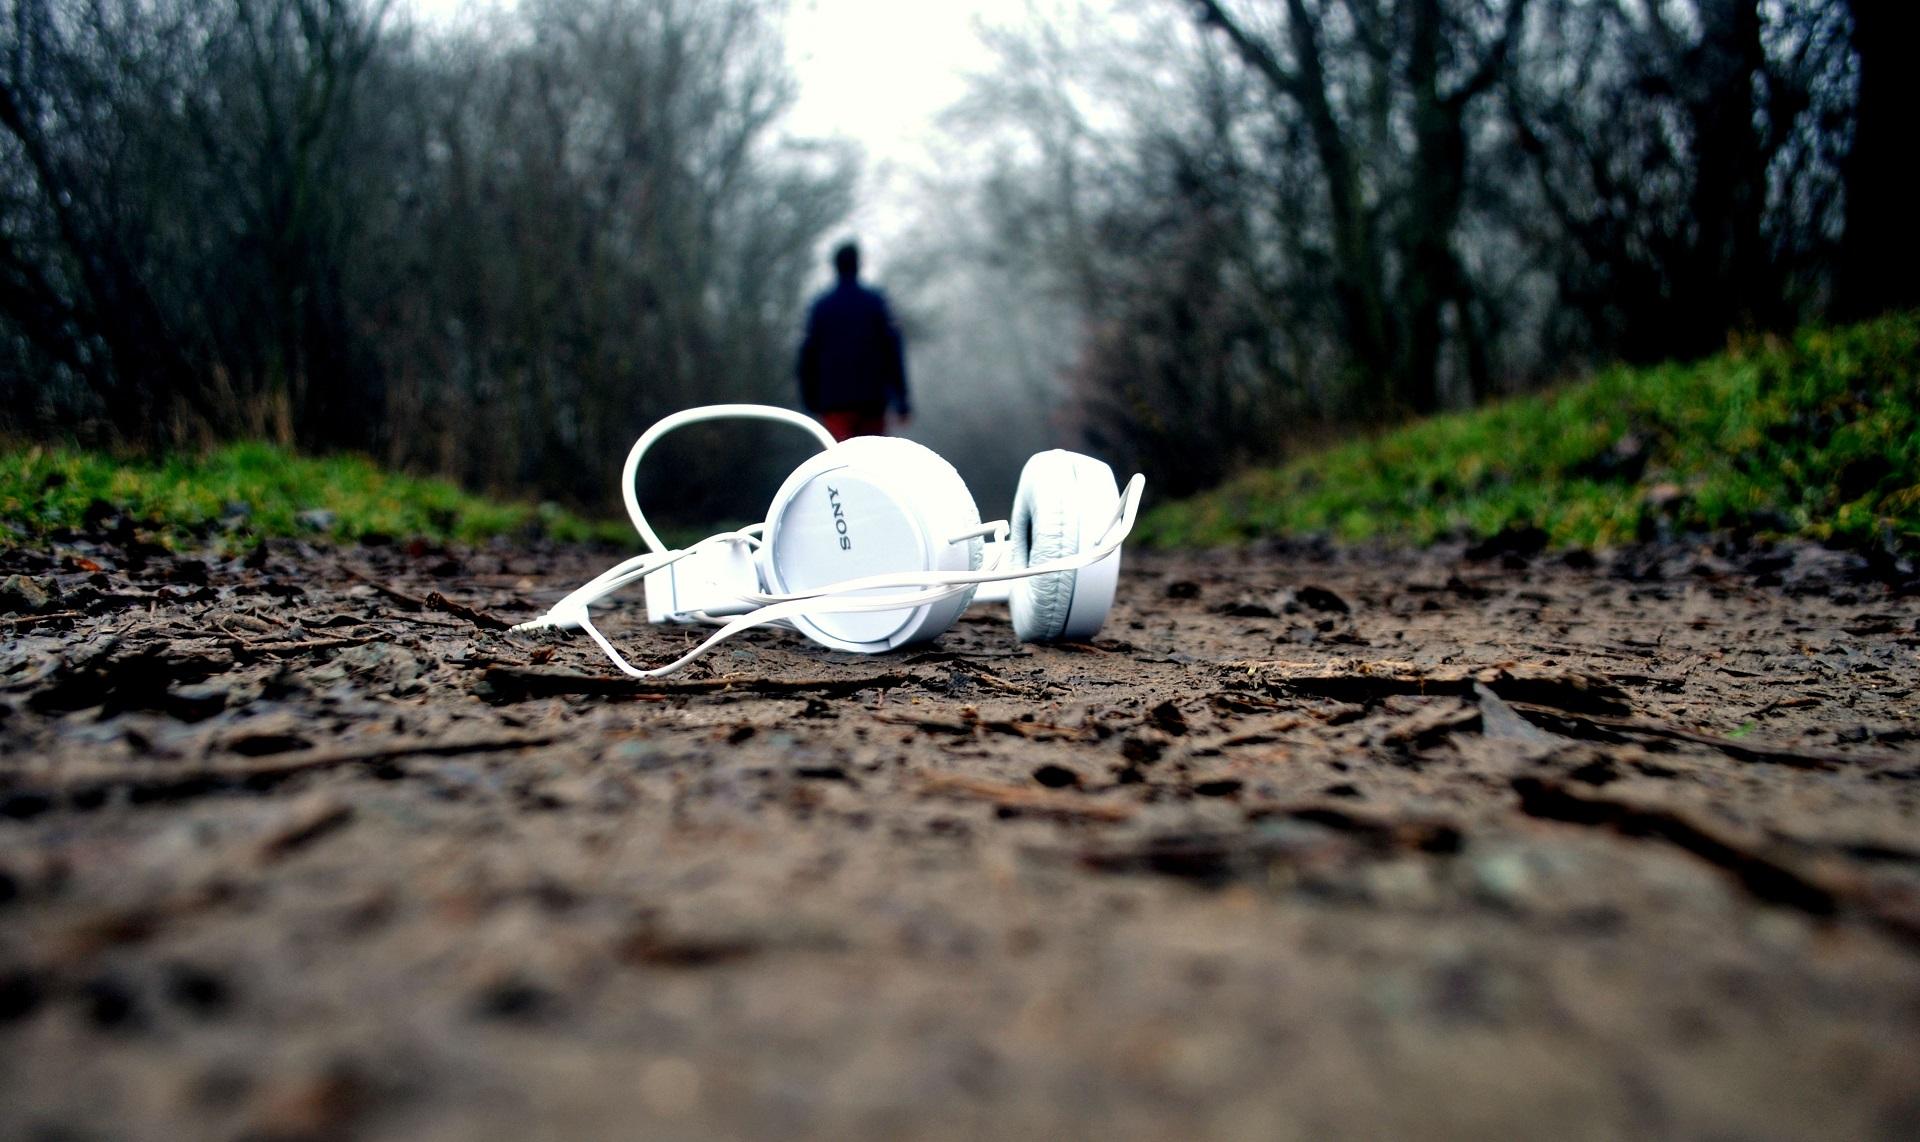 Kopfhörer auf der Erde